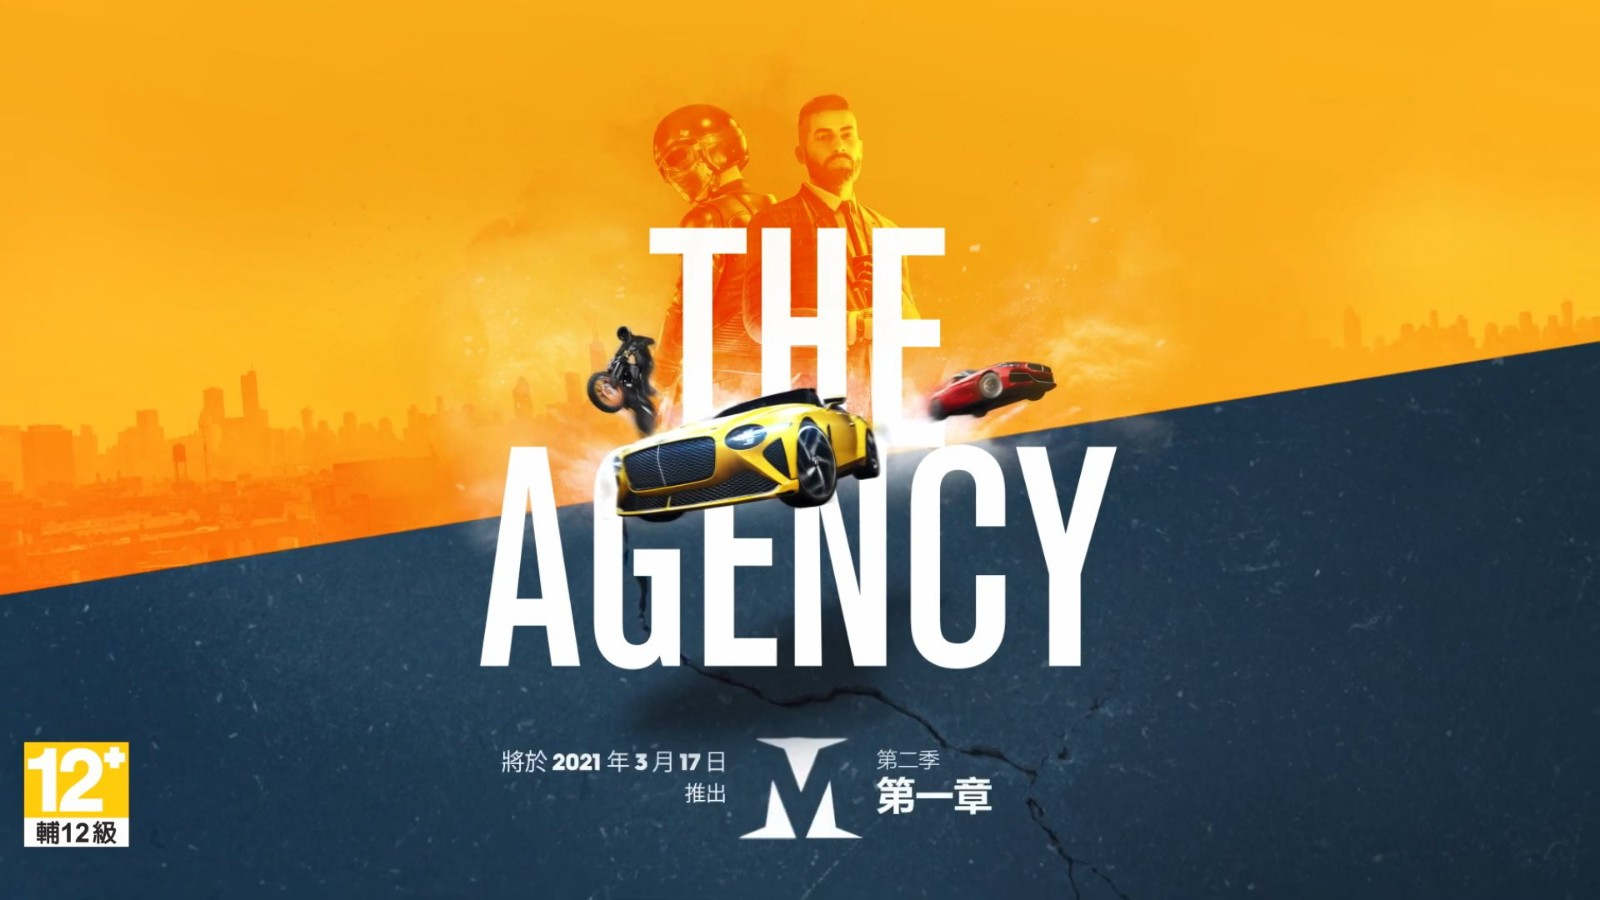 《飙酷车神2》第2季第1章17日上线 故事预告片发布